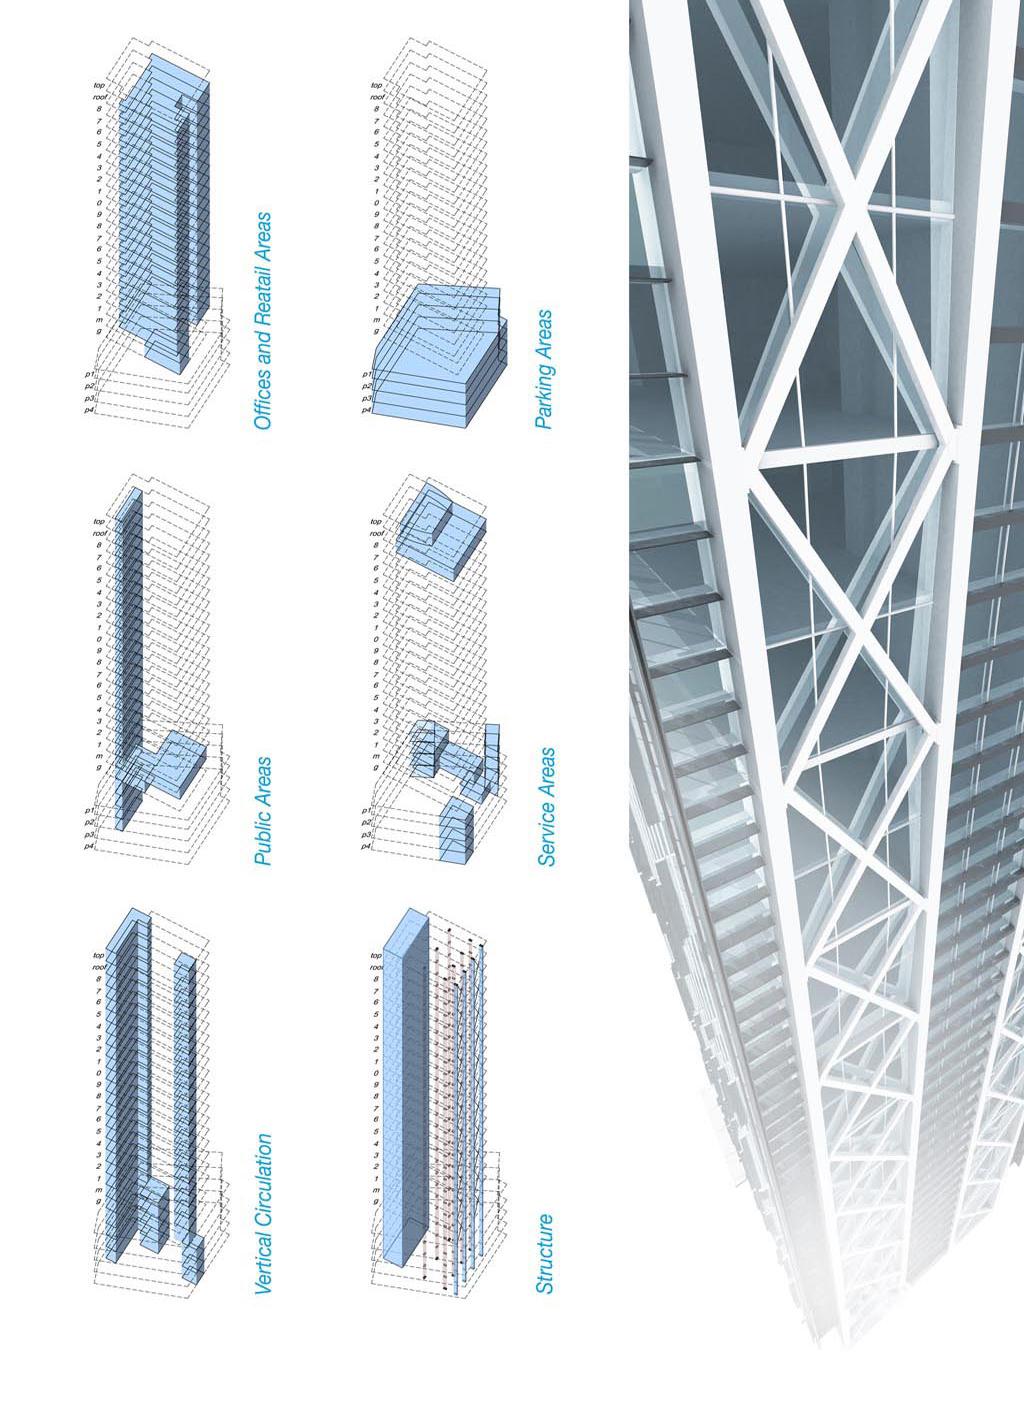 BEAD Office Tower diagram.JPG